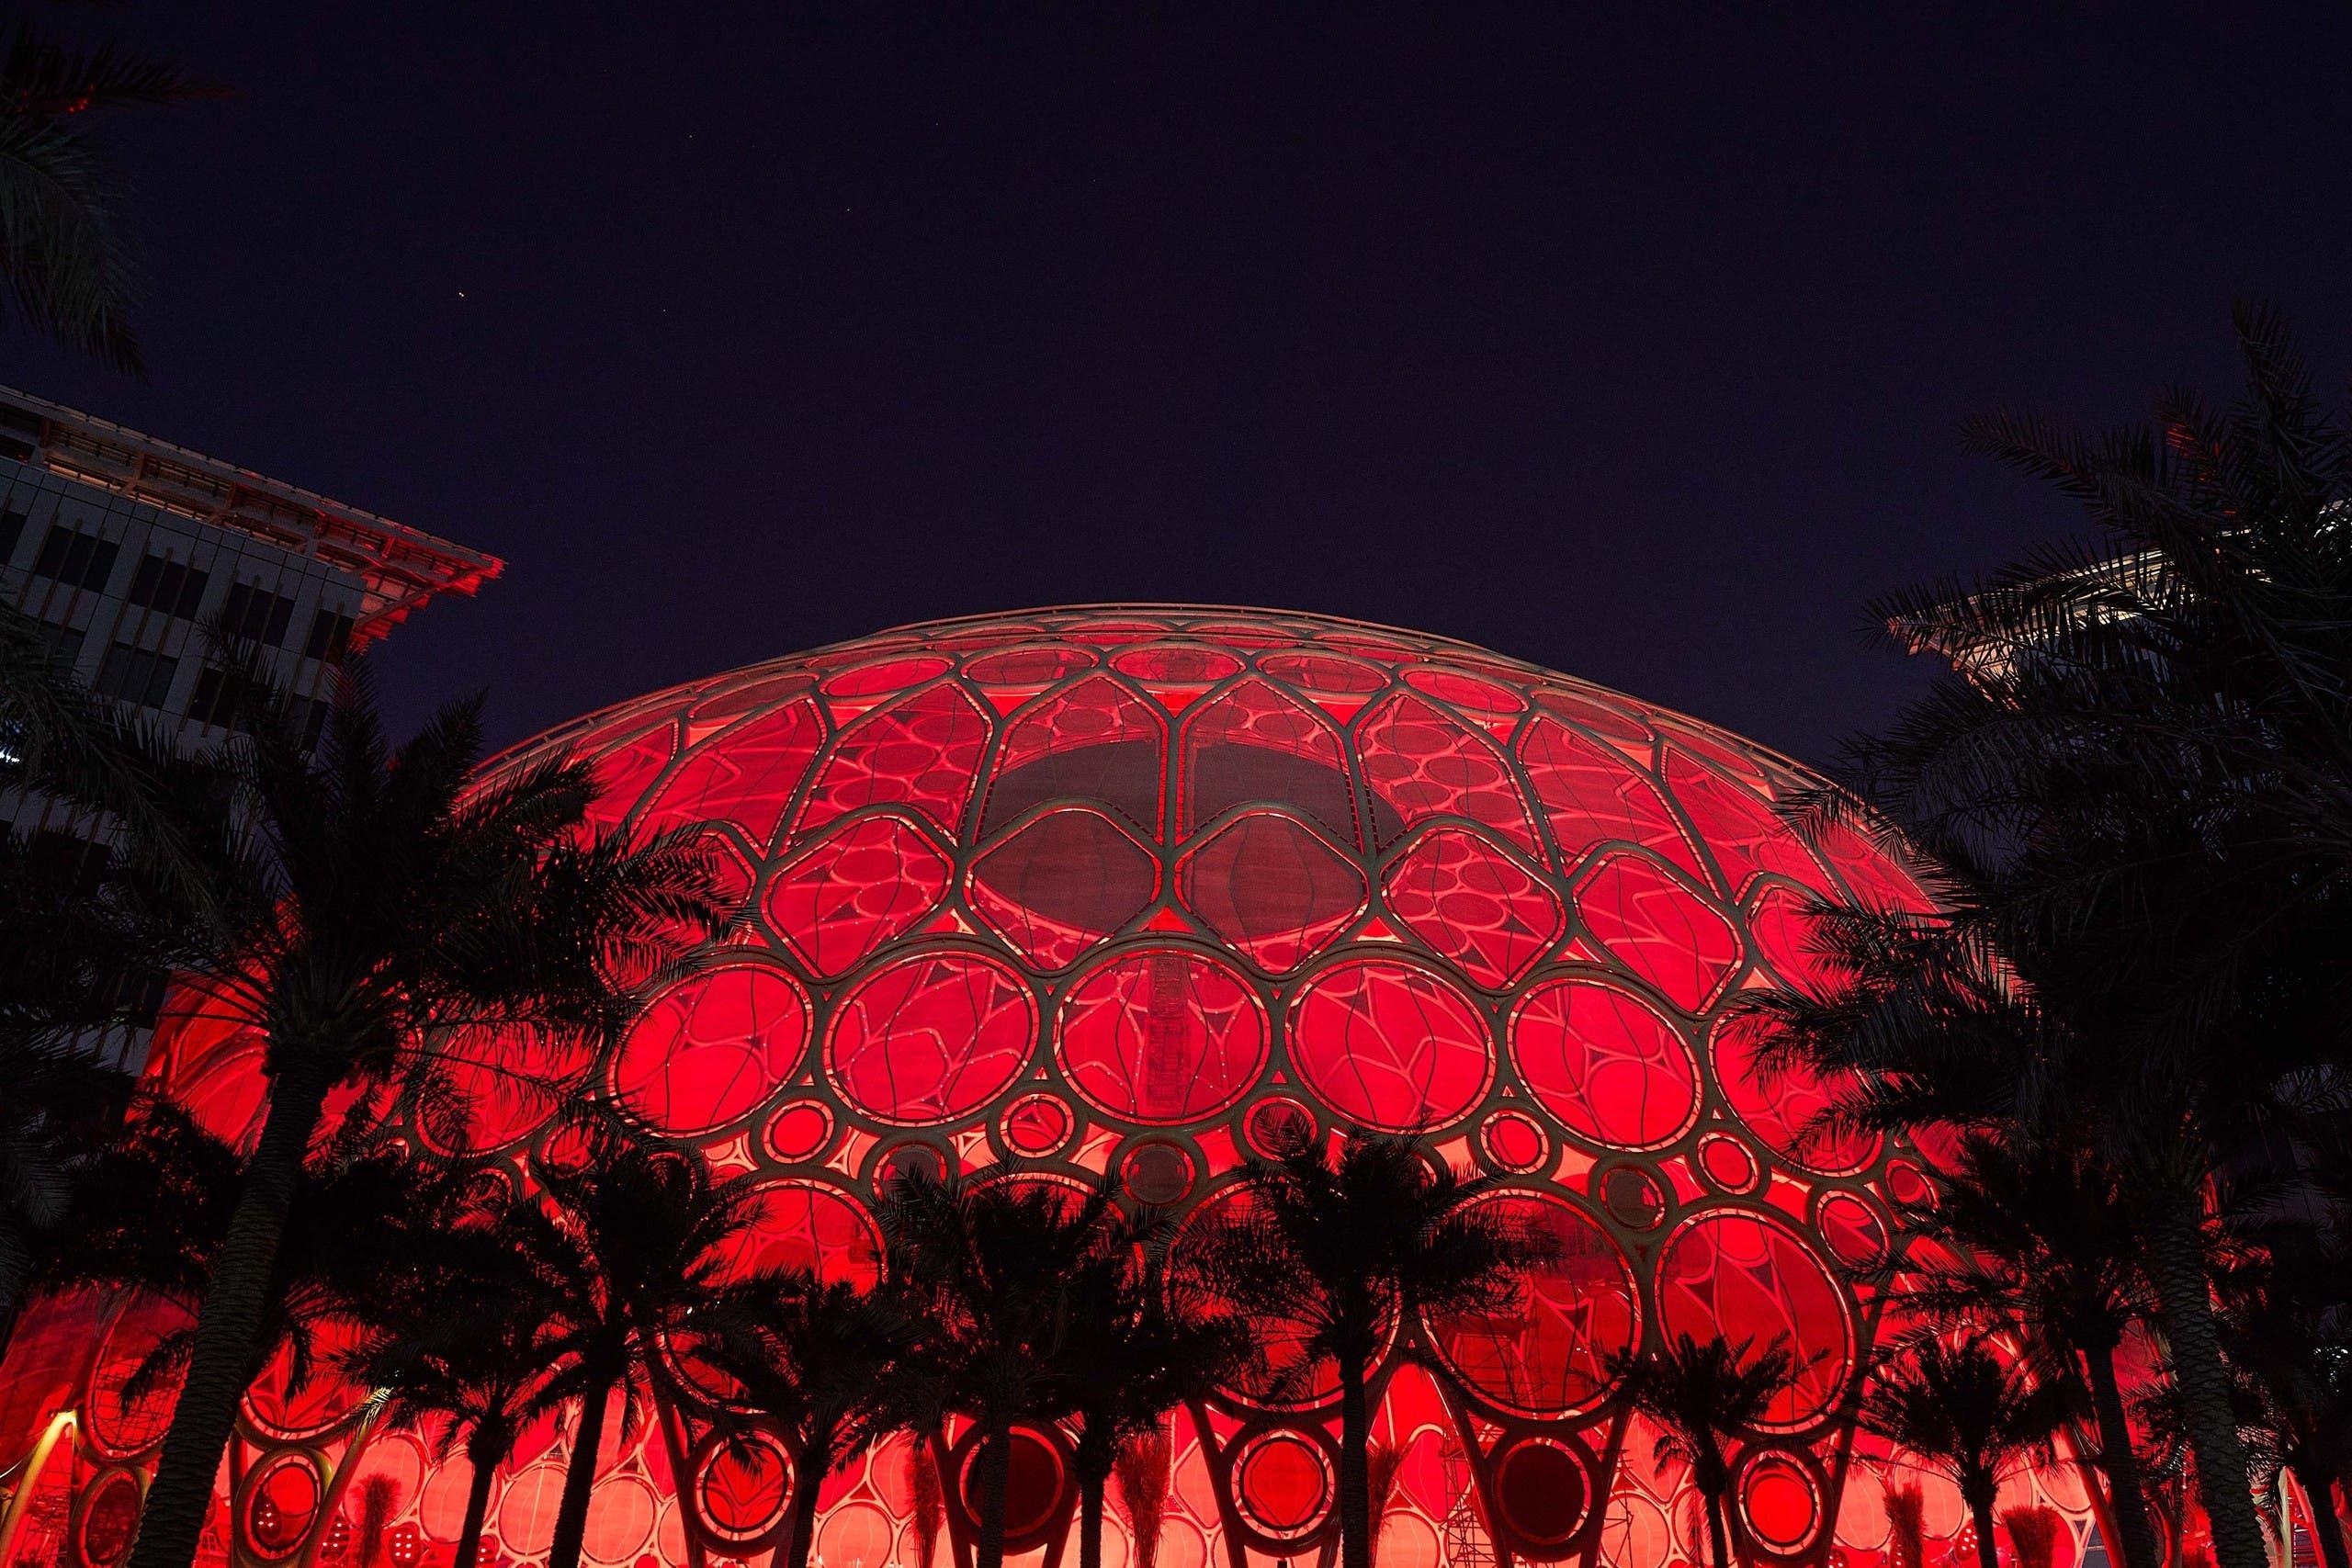 Expo 2020's Al Wasl Dome in Dubai, UAE. (Twitter)